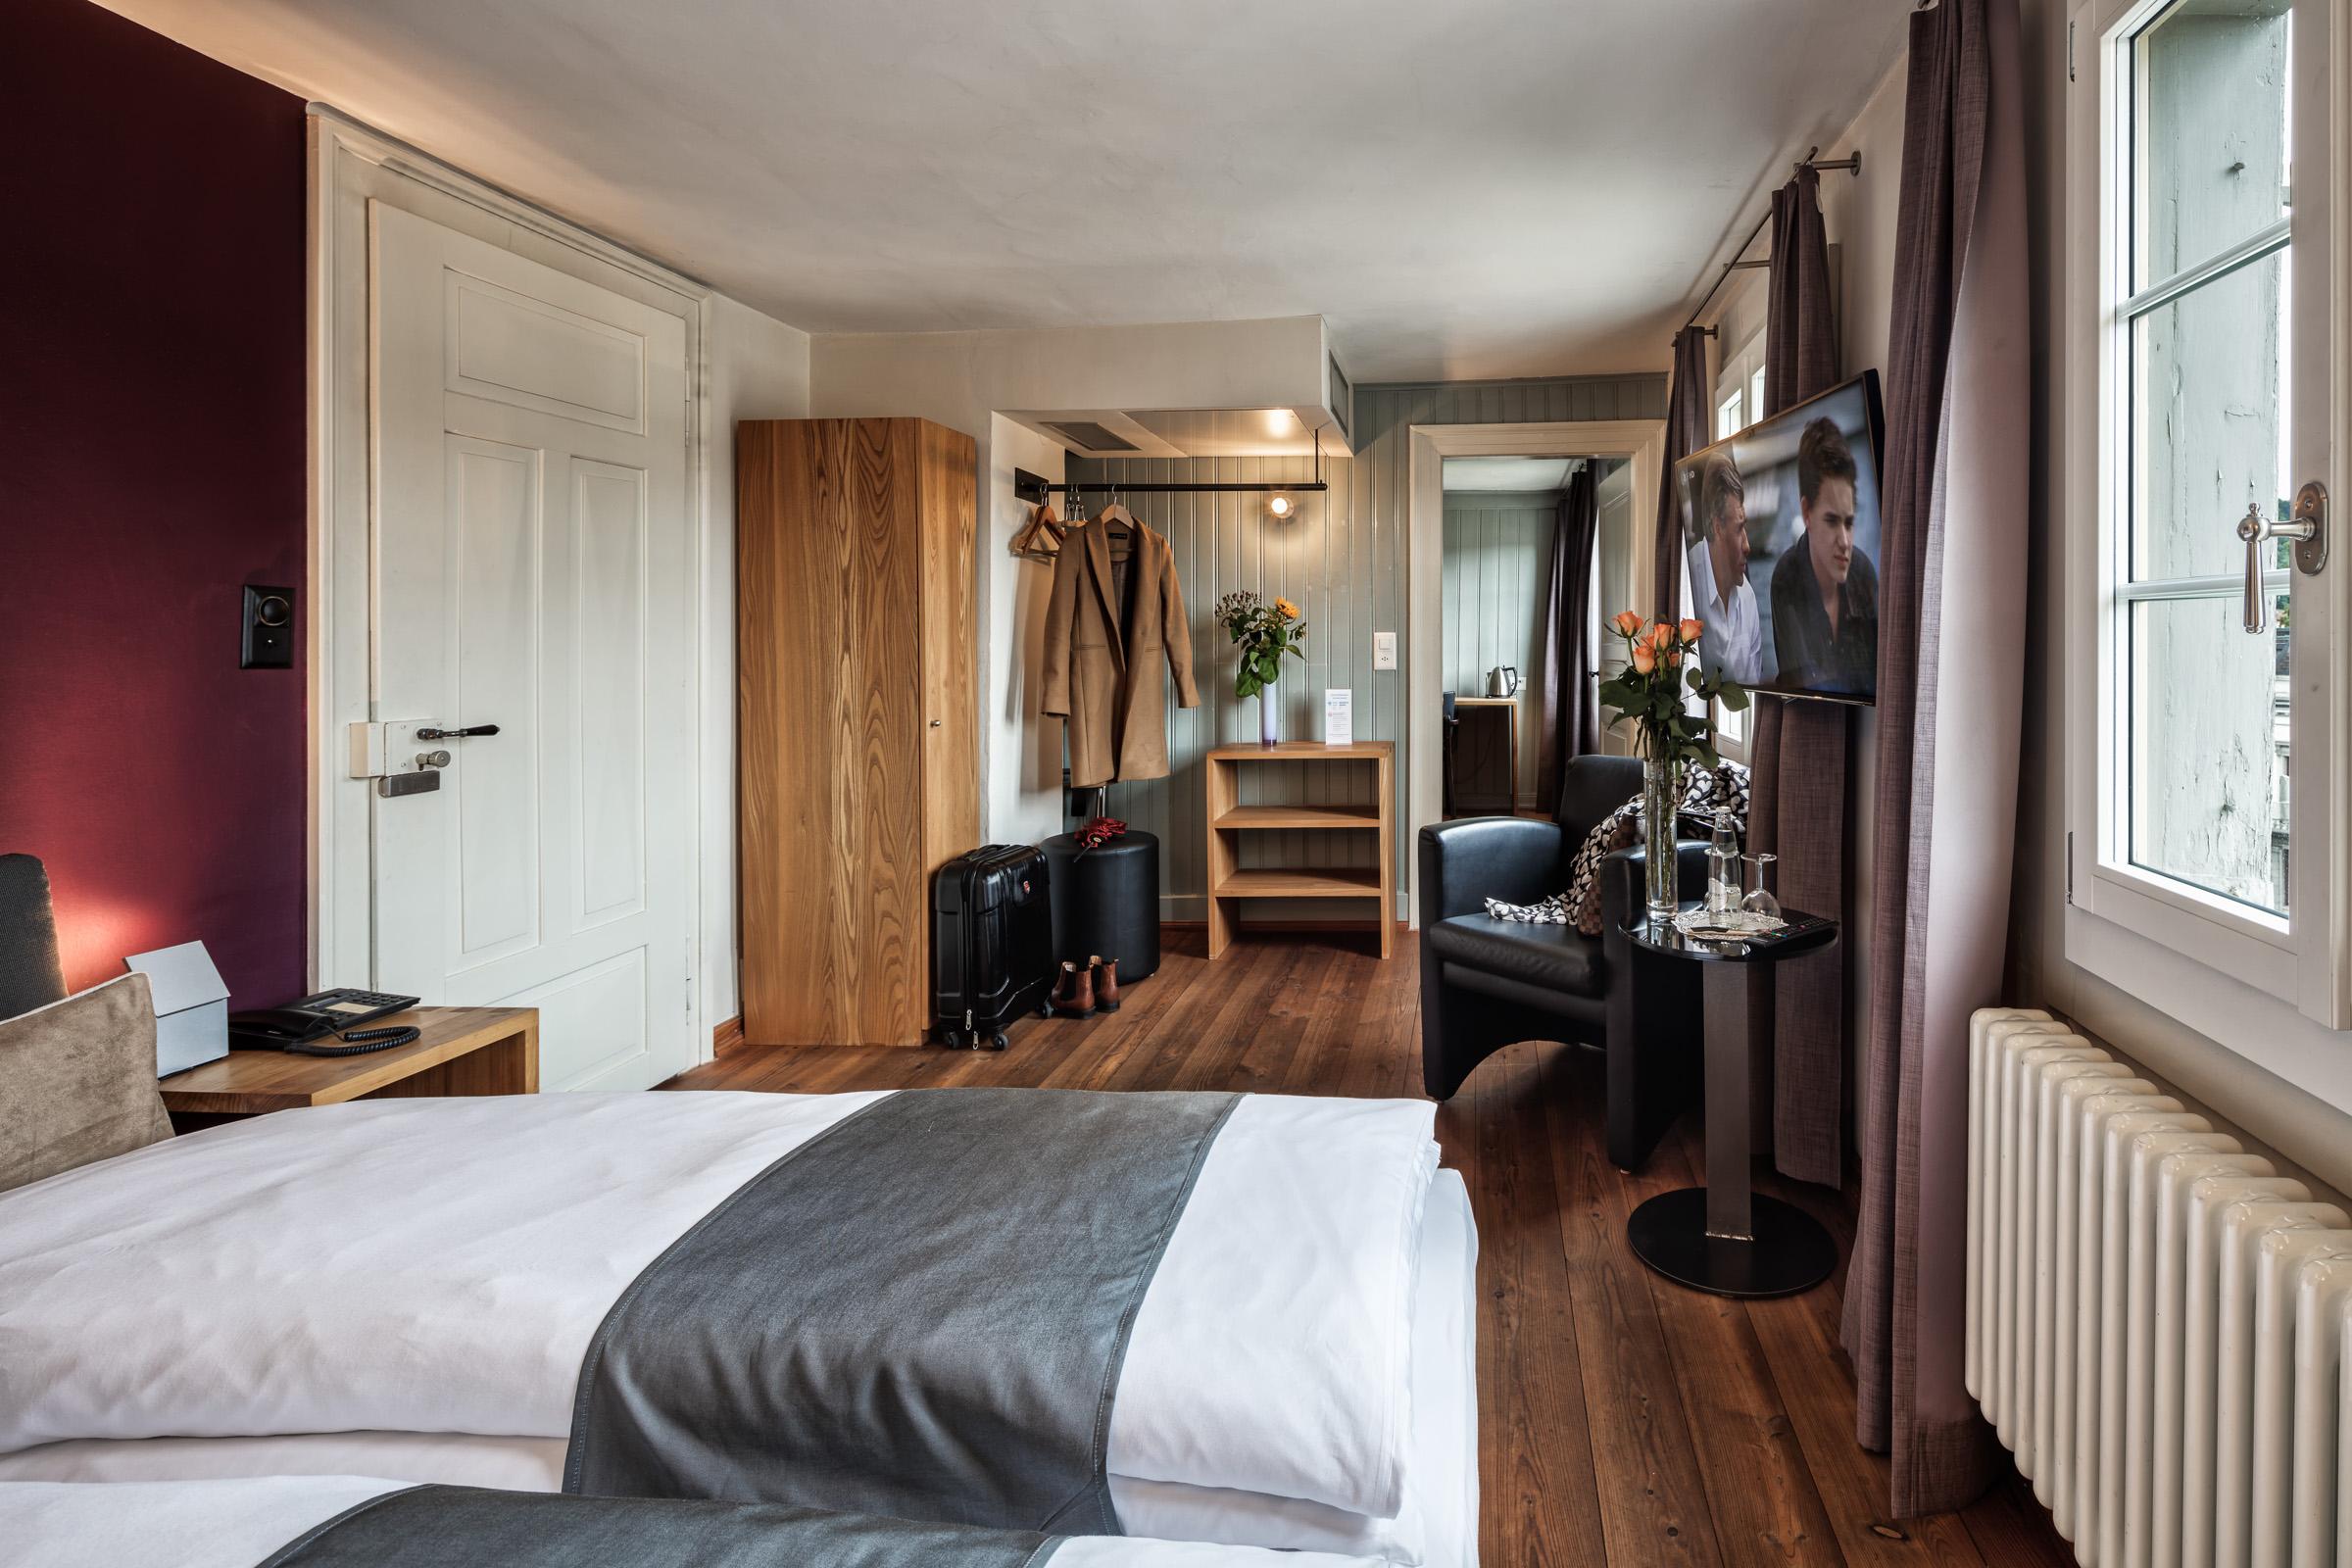 19-127 - Hotel Le Lion Bischofszell - Hotelfotografie--5.jpg